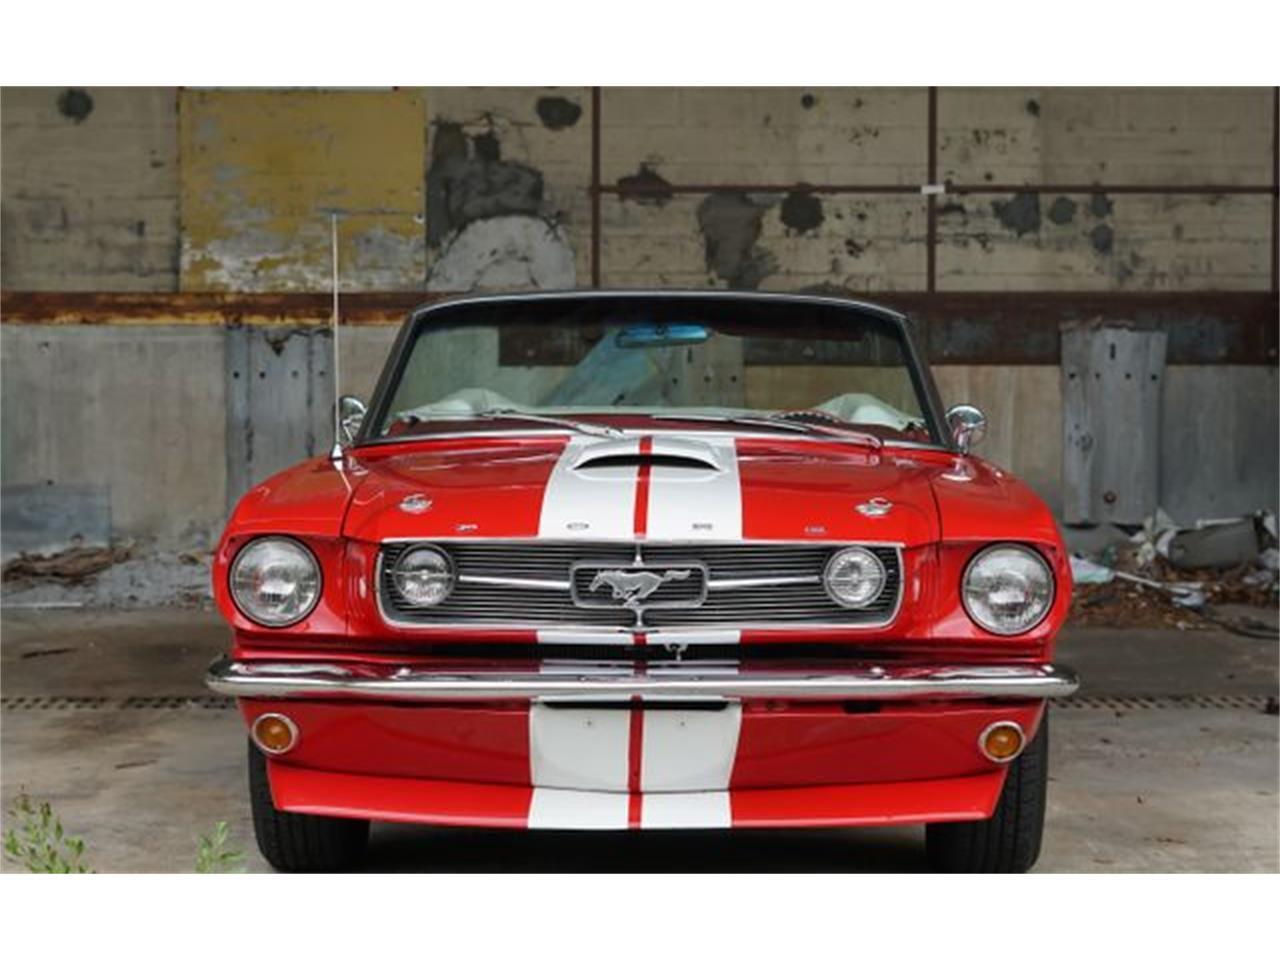 Ford Mustang V8 réplique shelby 350 1965 prix tout compris 1965